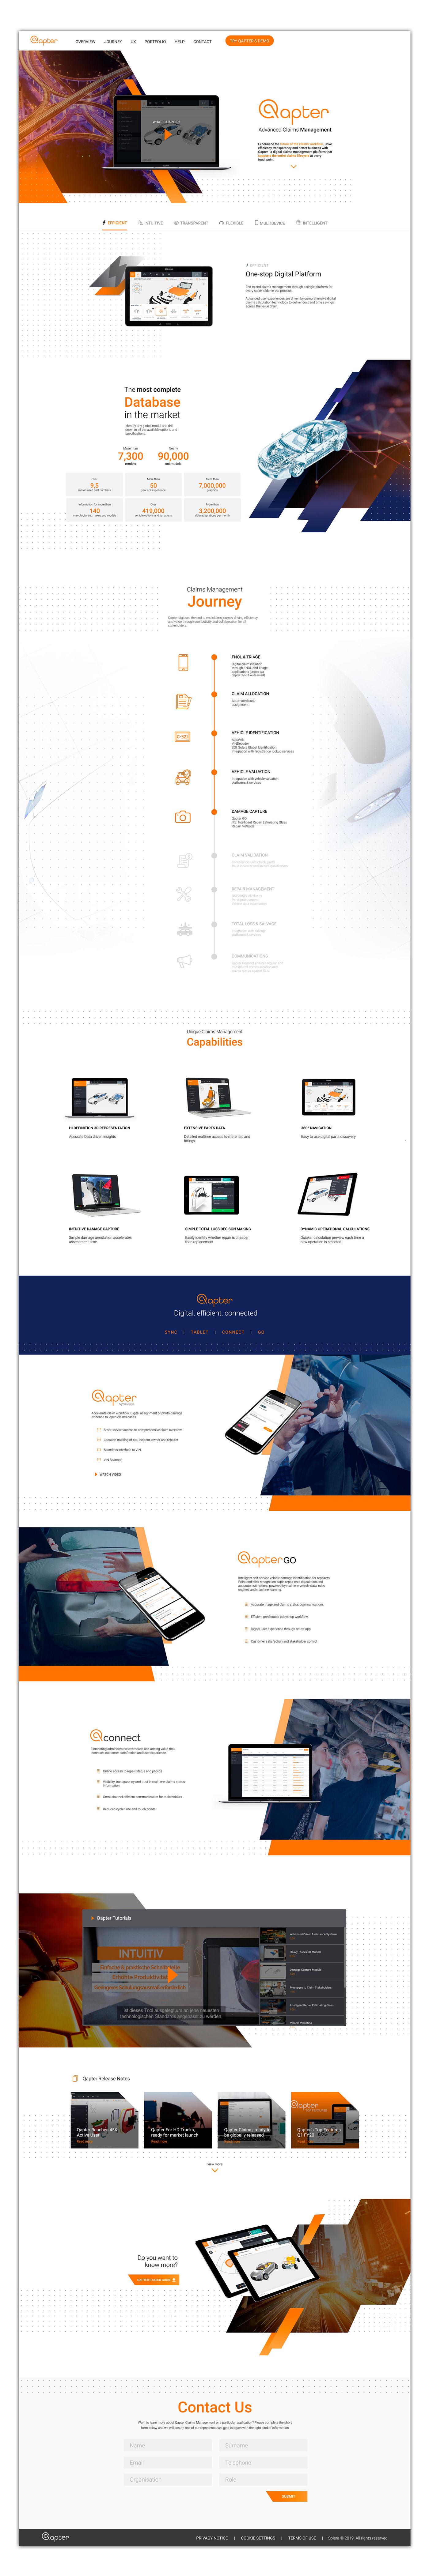 Image may contain: abstract, screenshot and computer